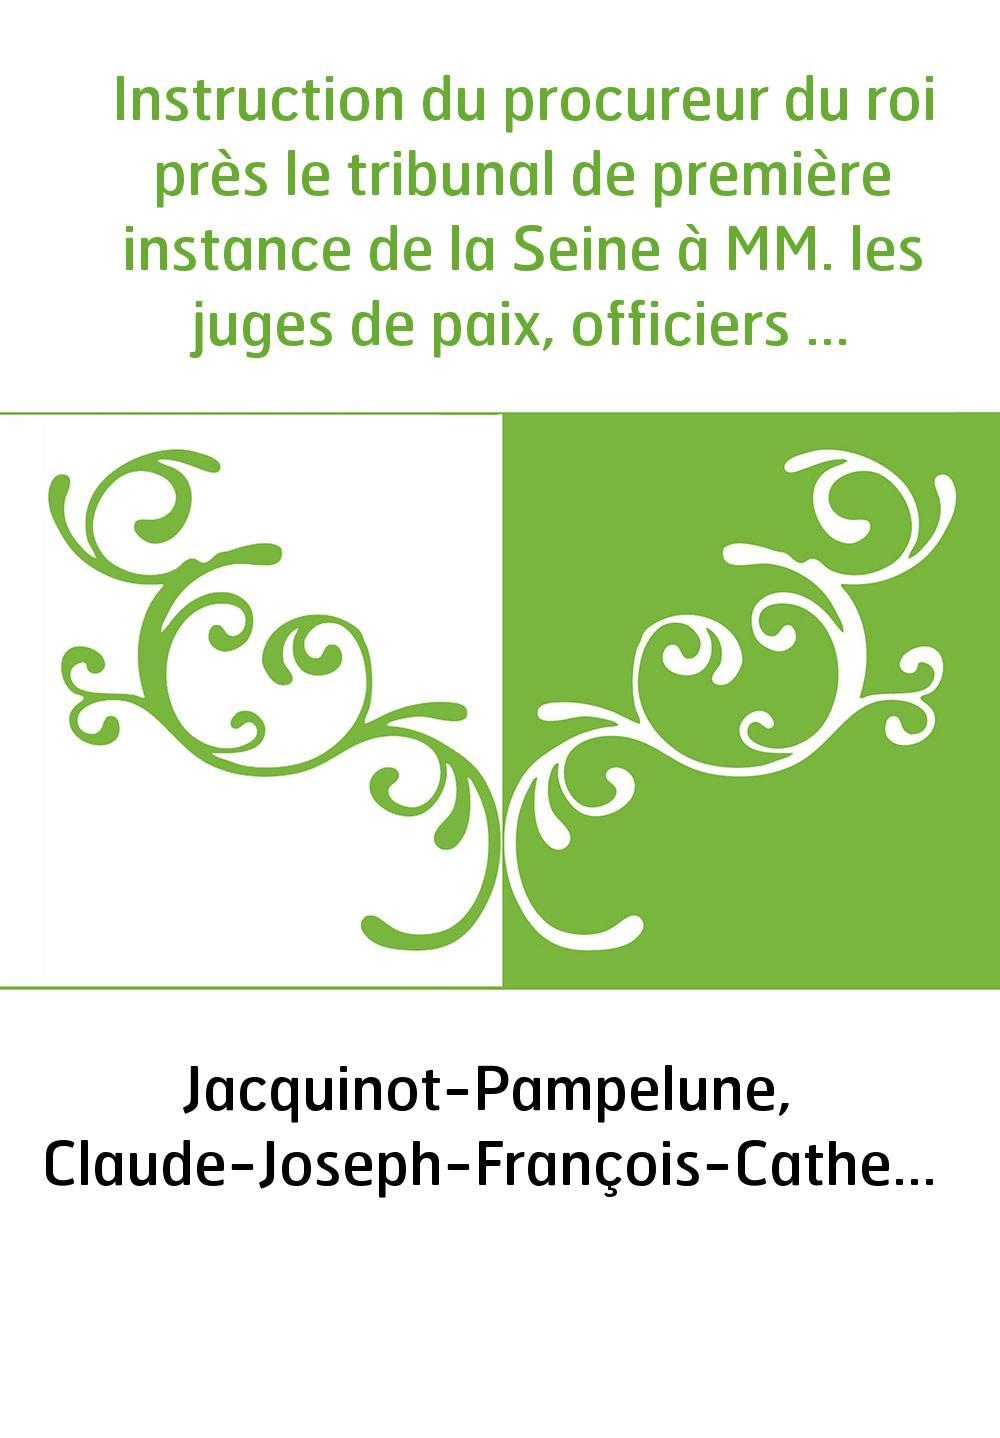 Instruction du procureur du roi près le tribunal de première instance de la Seine à MM. les juges de paix, officiers de gendarme